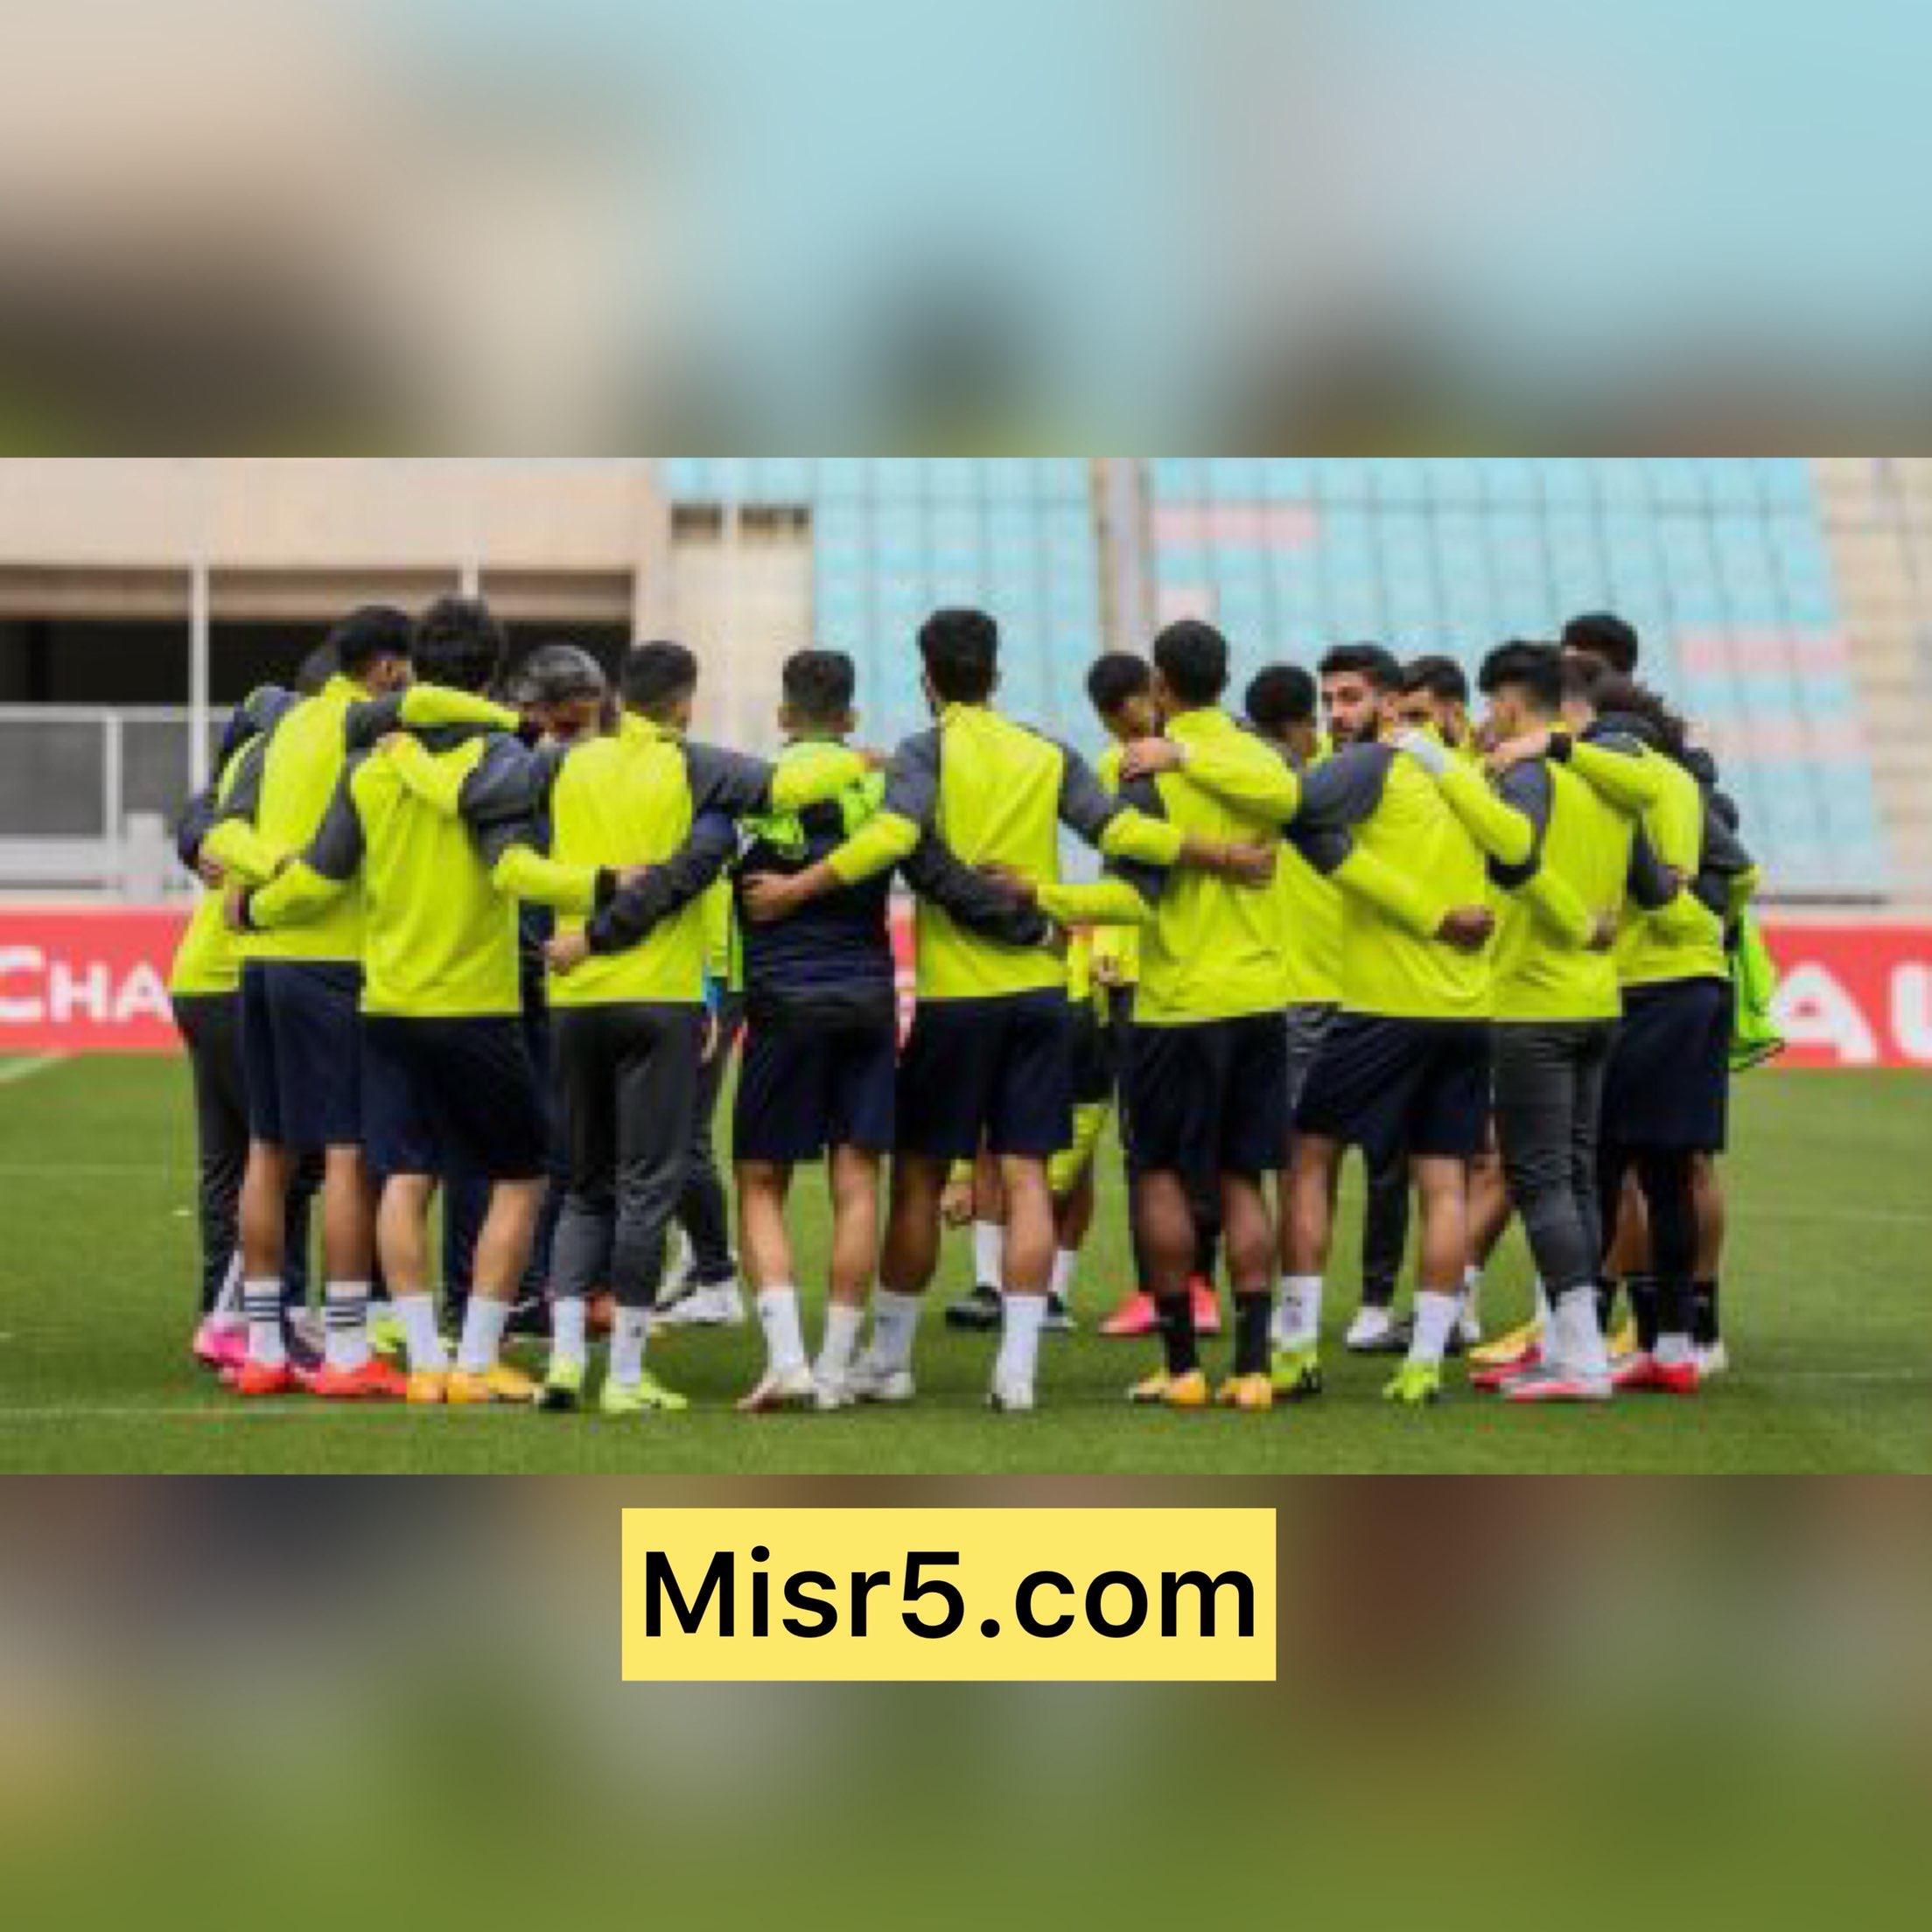 تابع ترتيب الدوري المصري الممتاز 2021 قبل مباراة الزمالك وسيراميكا كيلوباترا